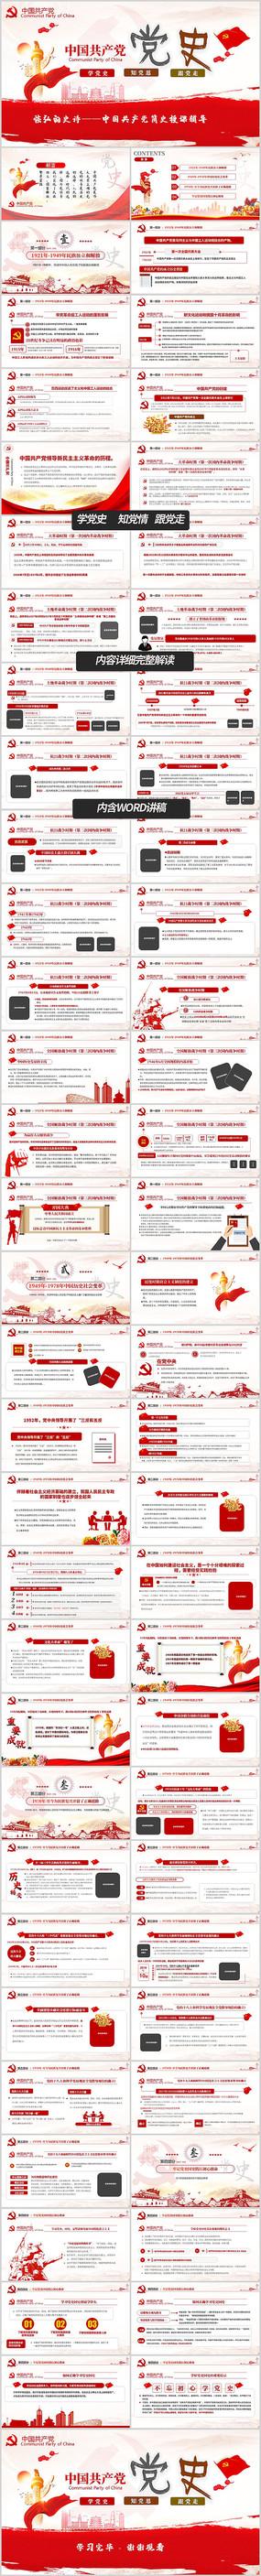 学习中国共产党党史党课解读ppt模板